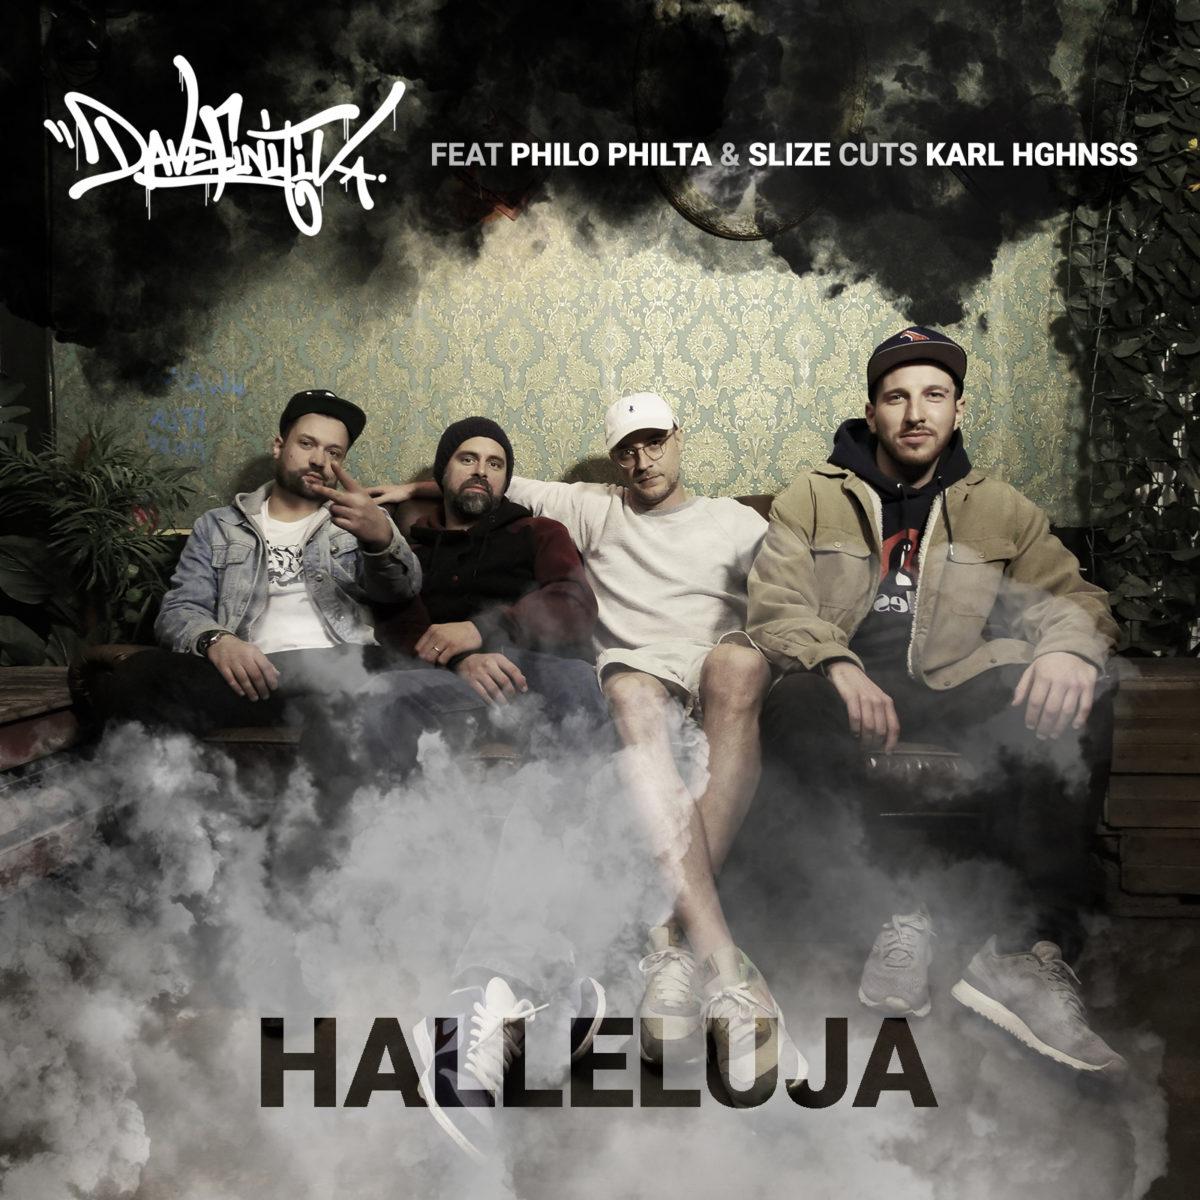 Davefinitiv – Halleluja